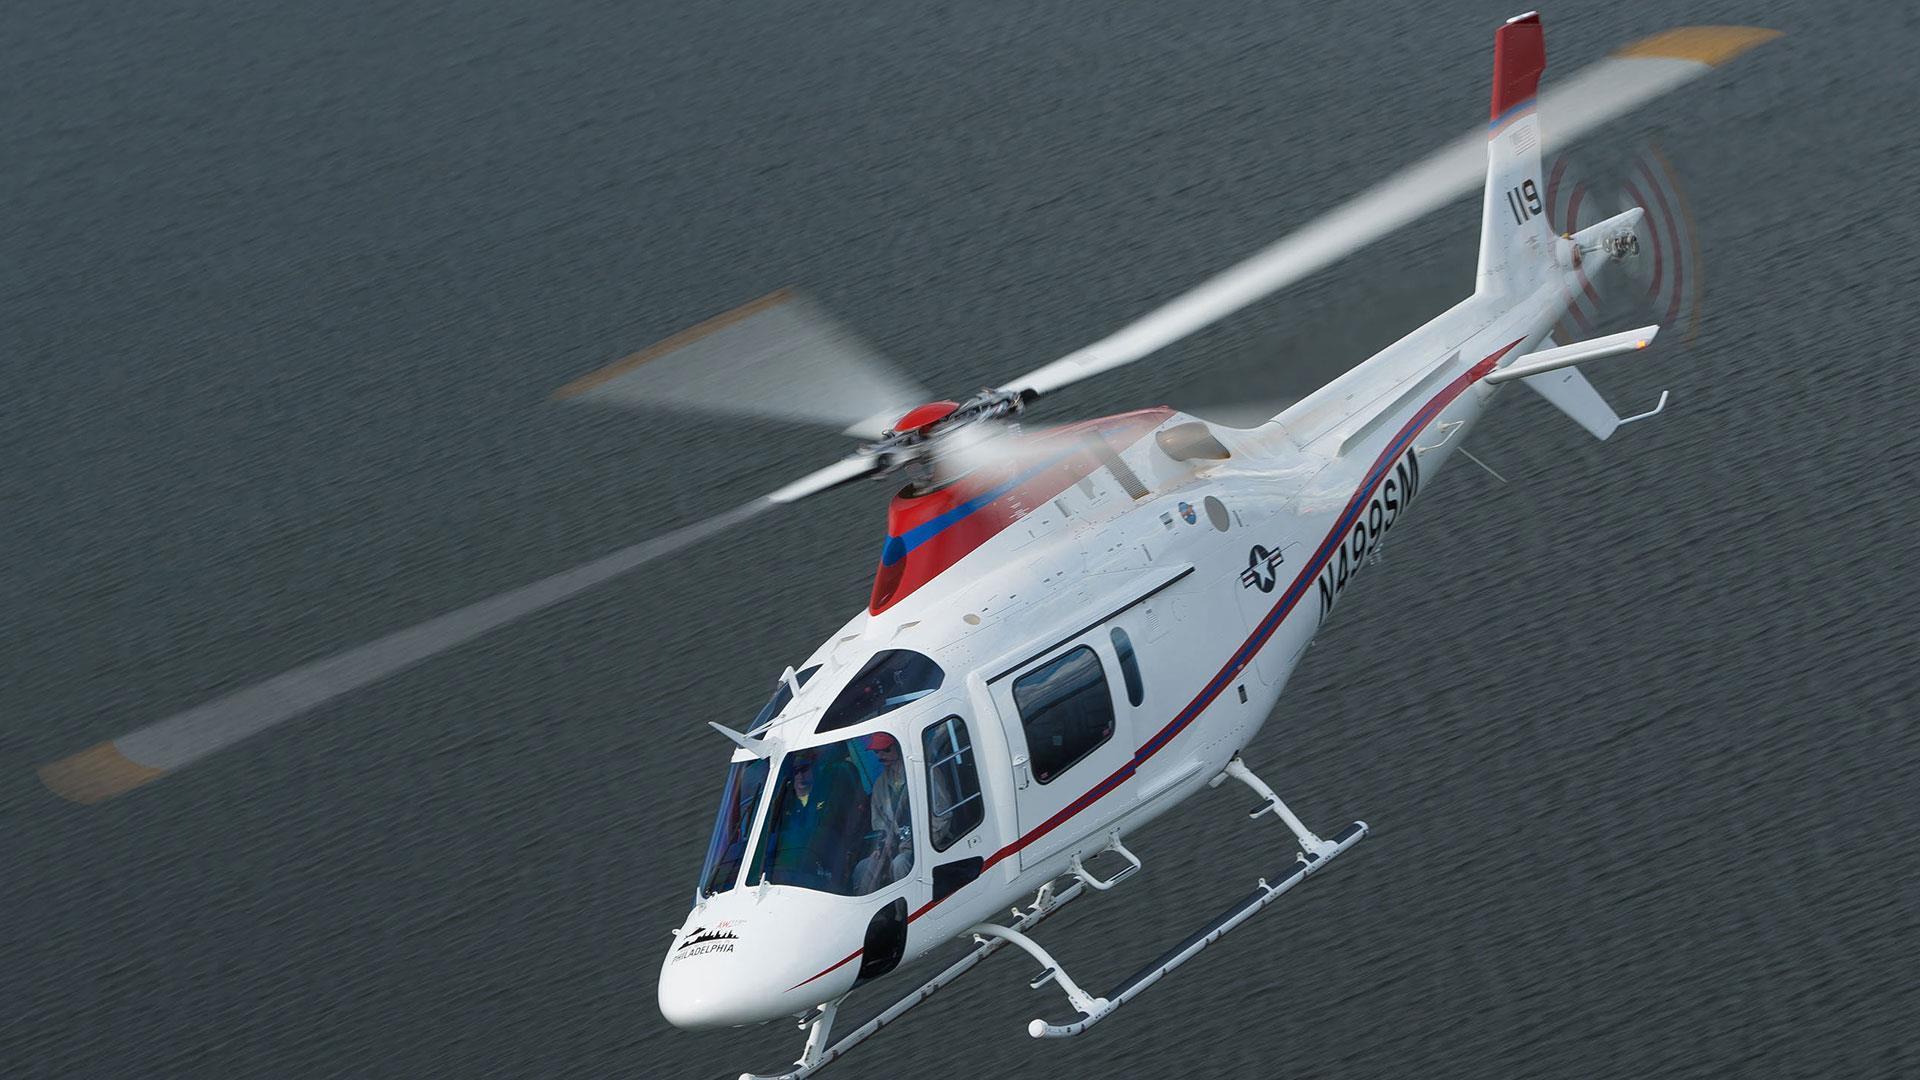 US Navy picks Leonardo TH-119 for next helicopter trainer fleet